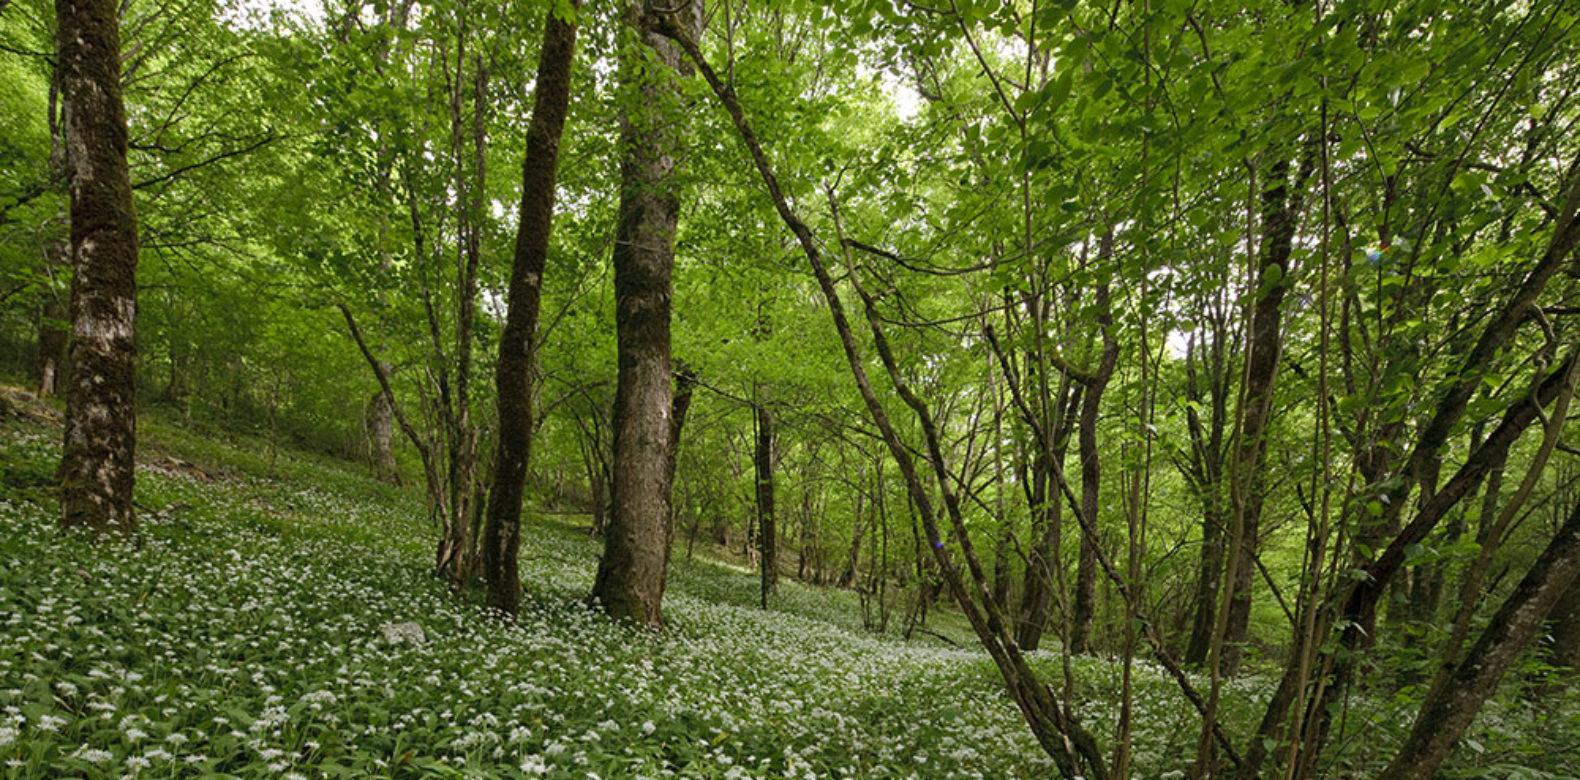 Avis sur le projet de création du Parc national des forêts de Champagne et Bourgogne